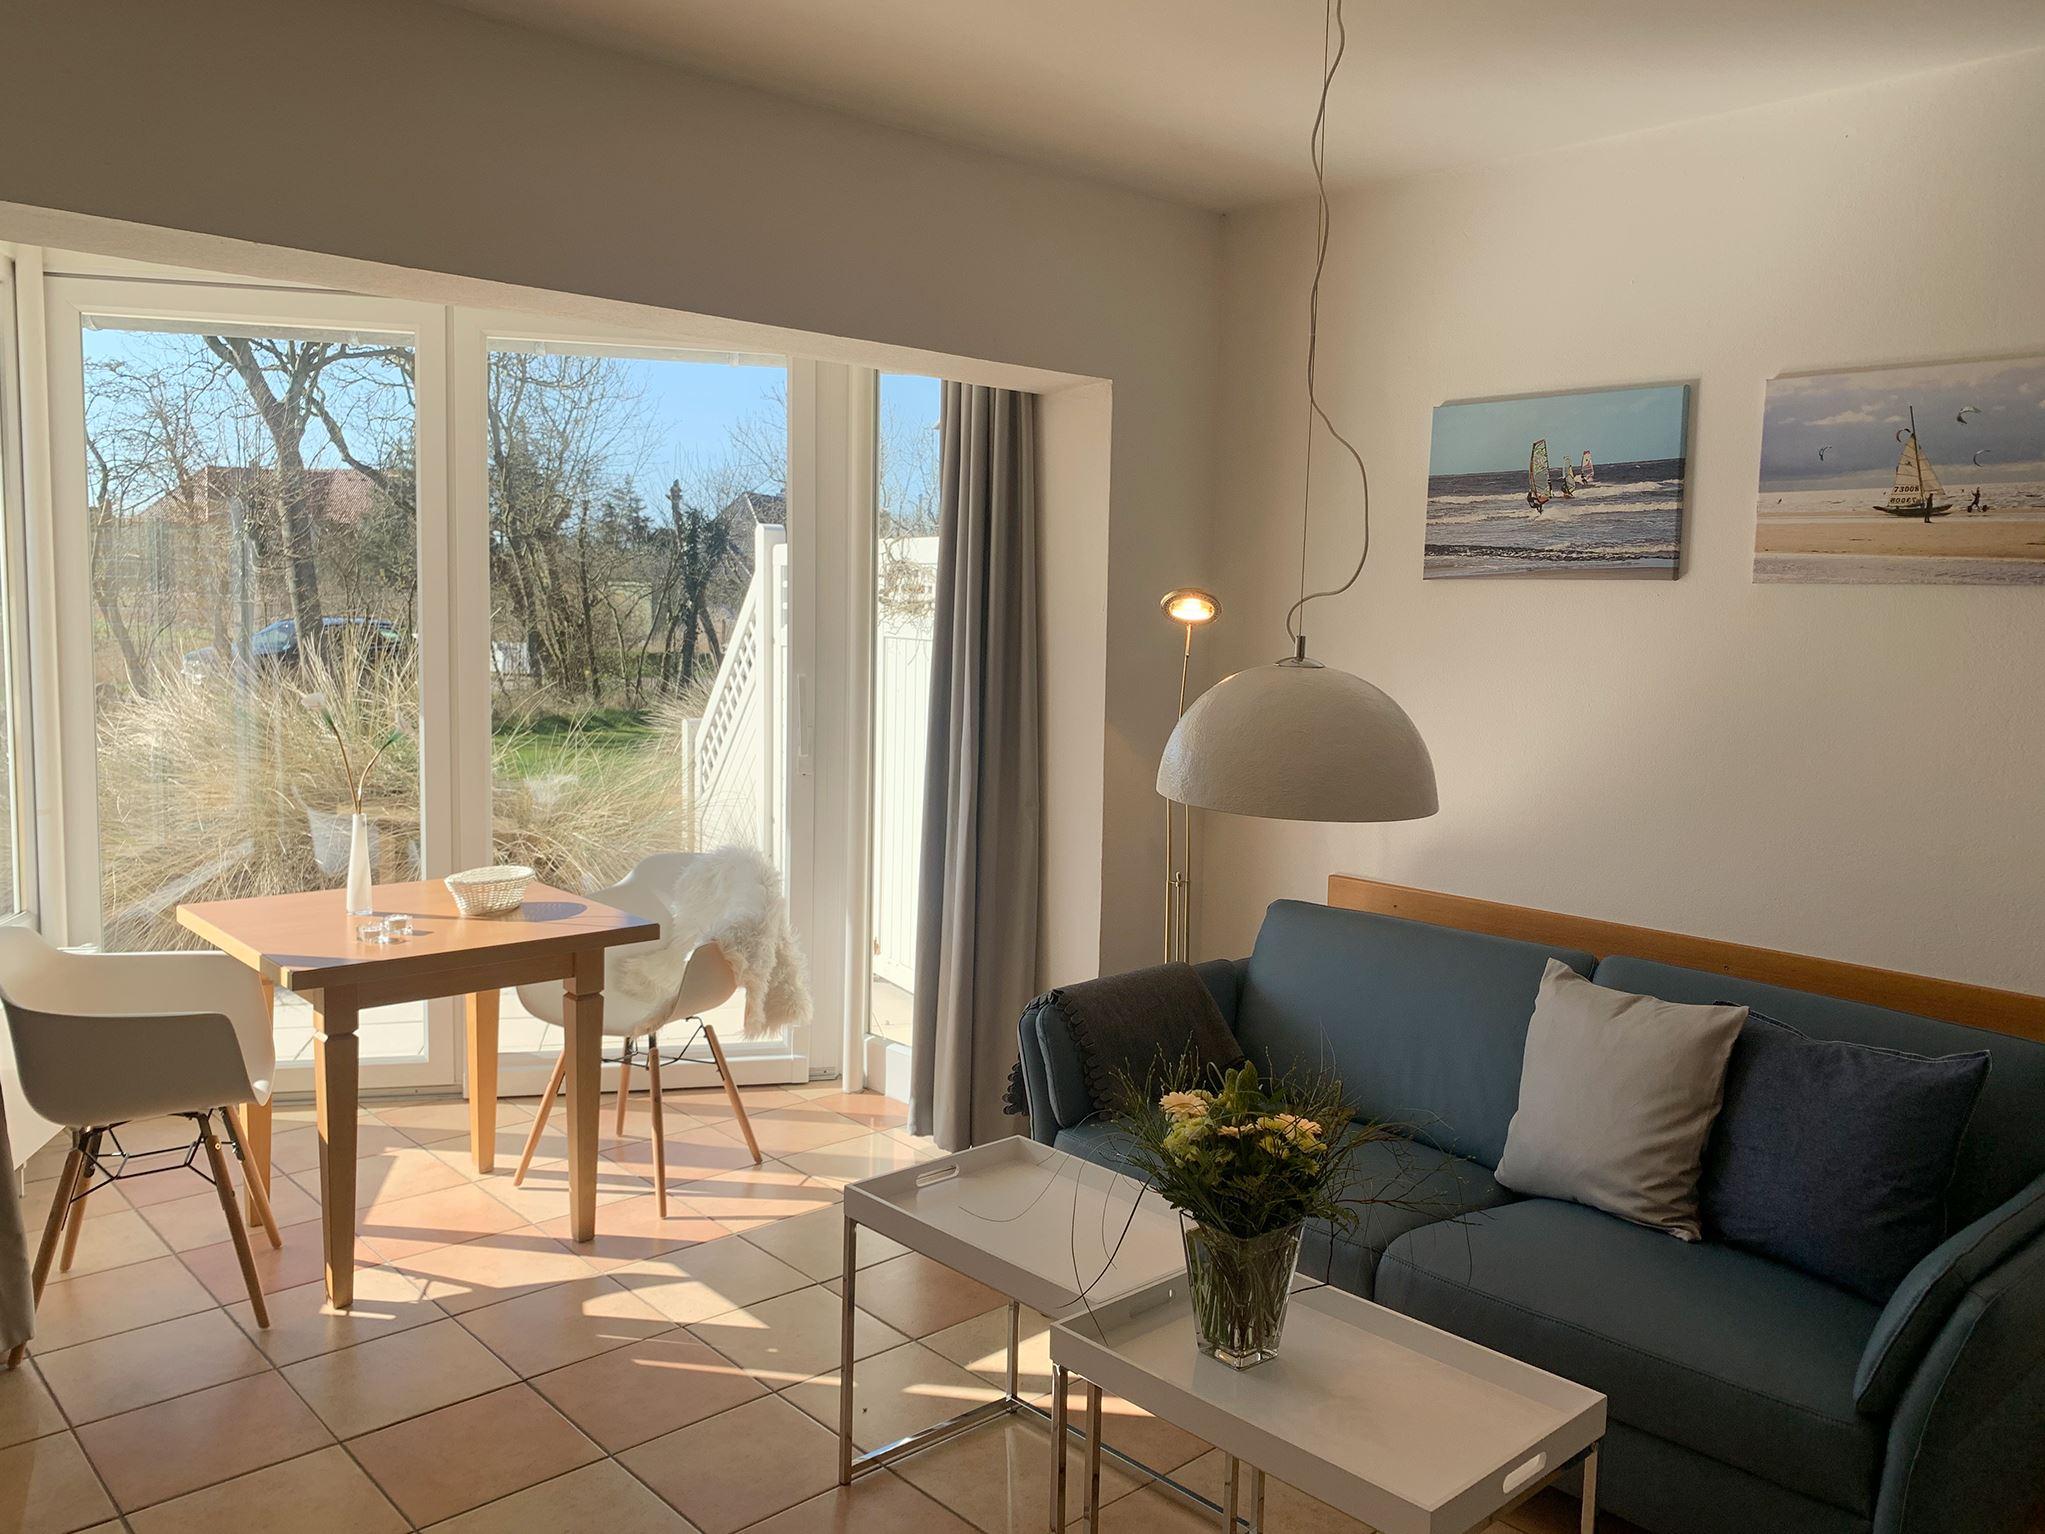 Helles 2 Personen Appartement mit Wintergarten und Zugang zum Garten; strandnah; Luna I Nr. 5